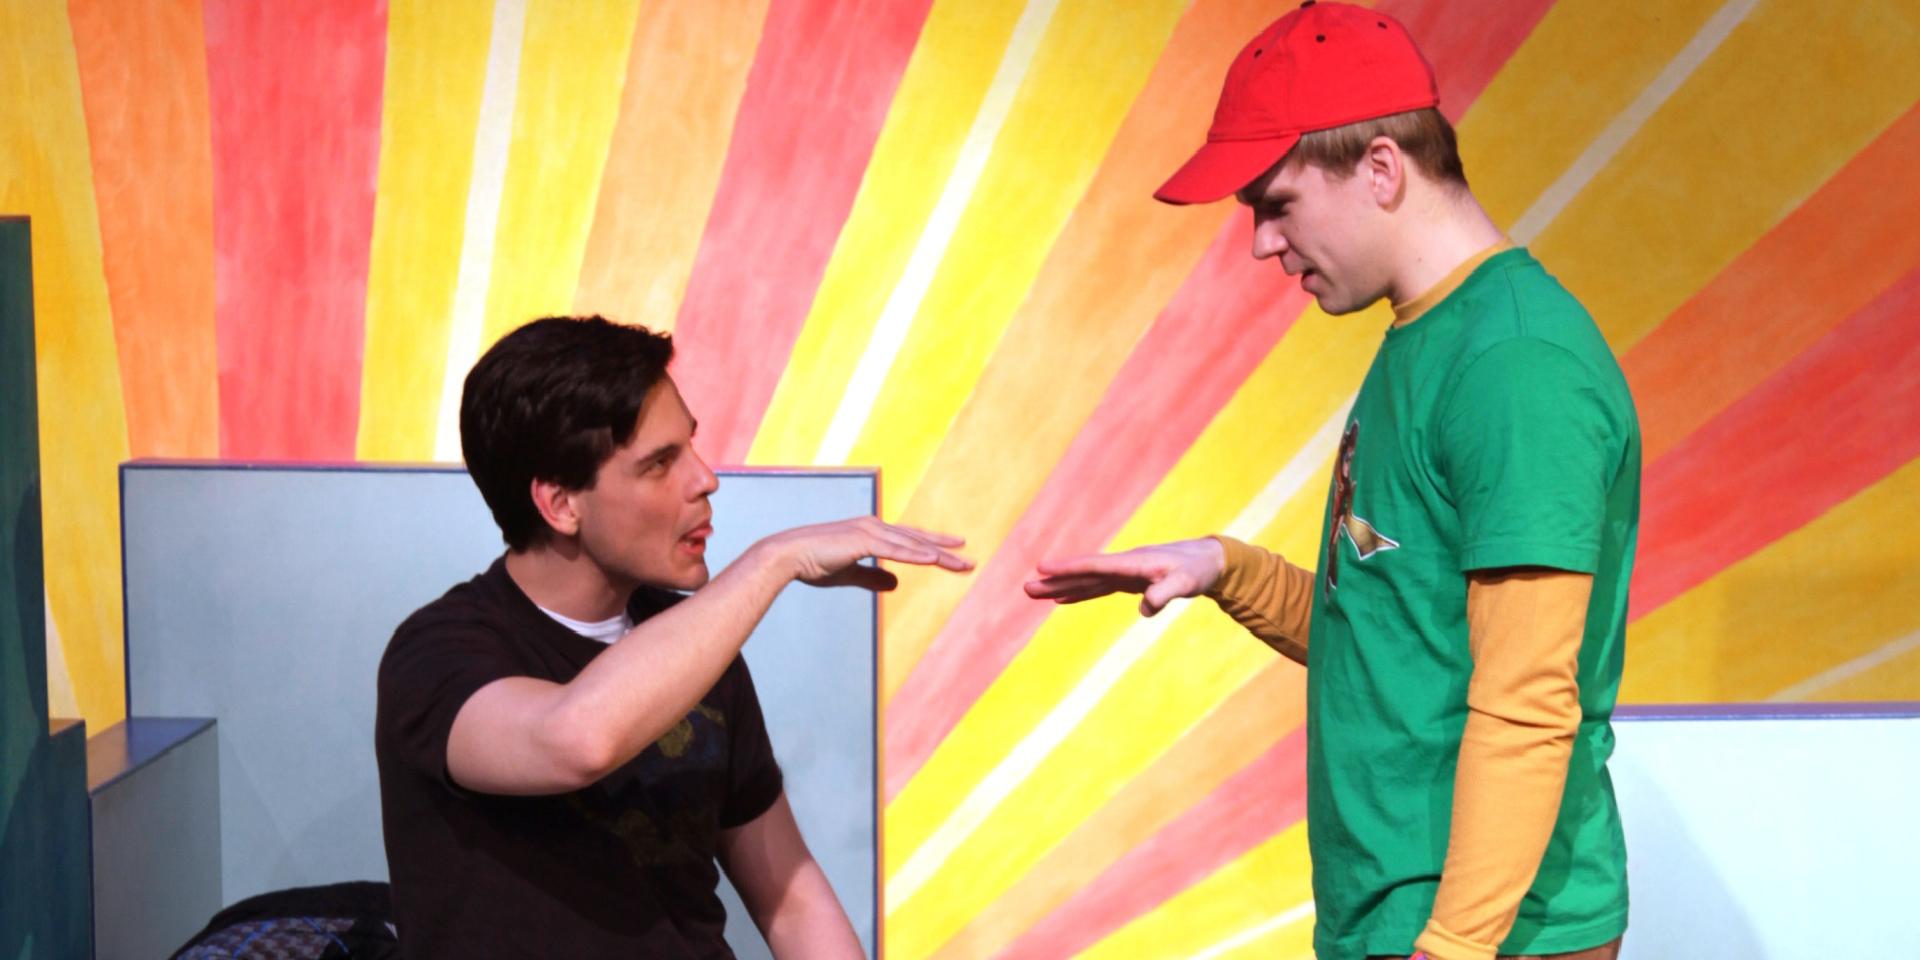 Ryan Bondy & Aaron Stern in Spelling 2-5-5. Photo by Claus Andersen.